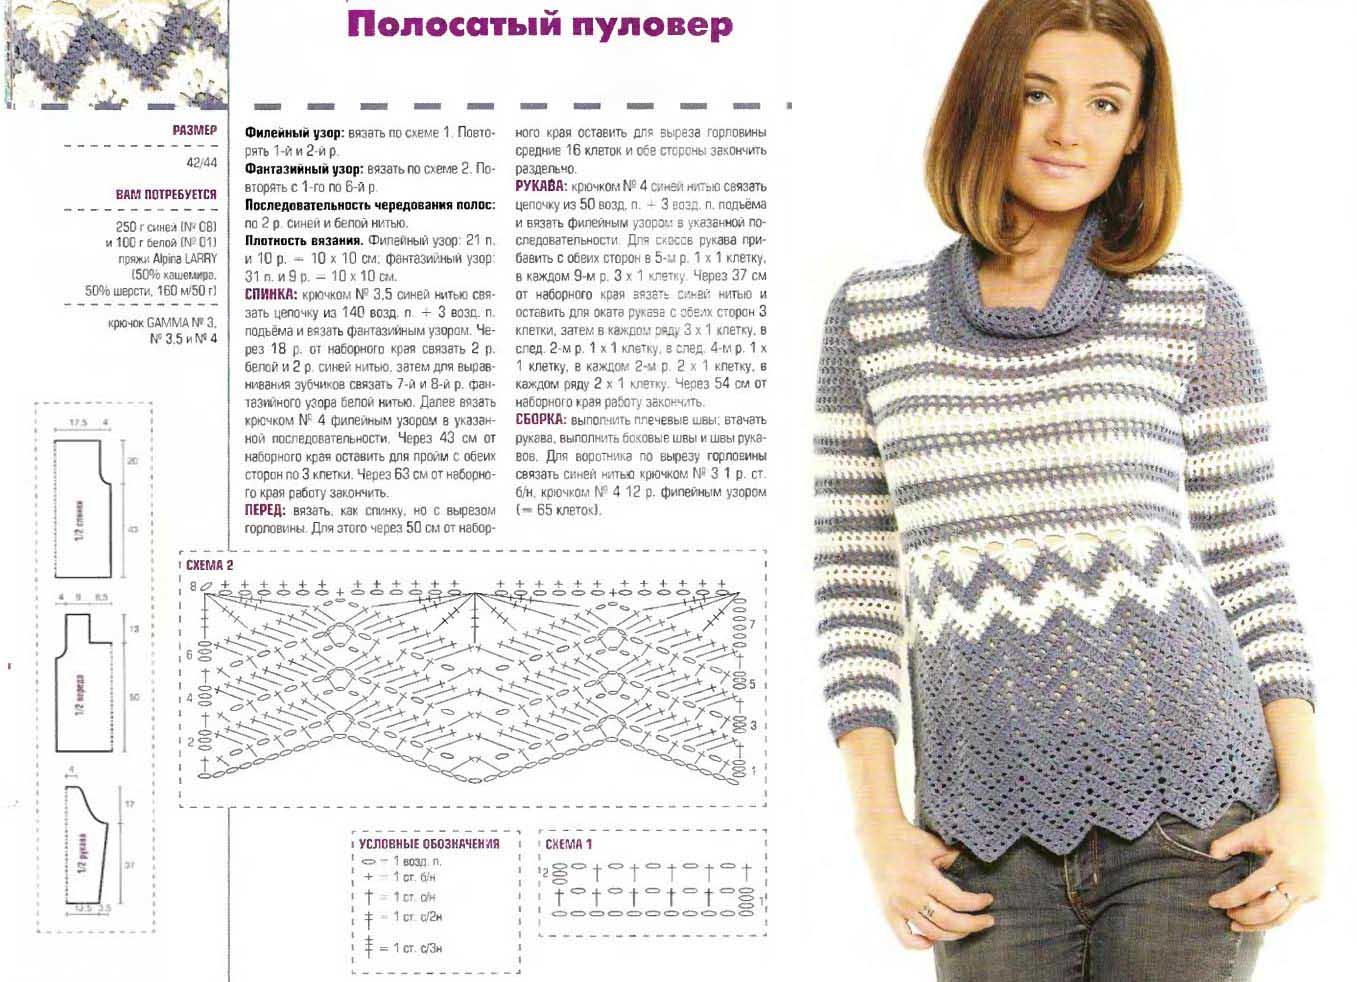 pulover zhenskij kryuchkom 8 - Вязаный пуловер женский крючком схемы и описание